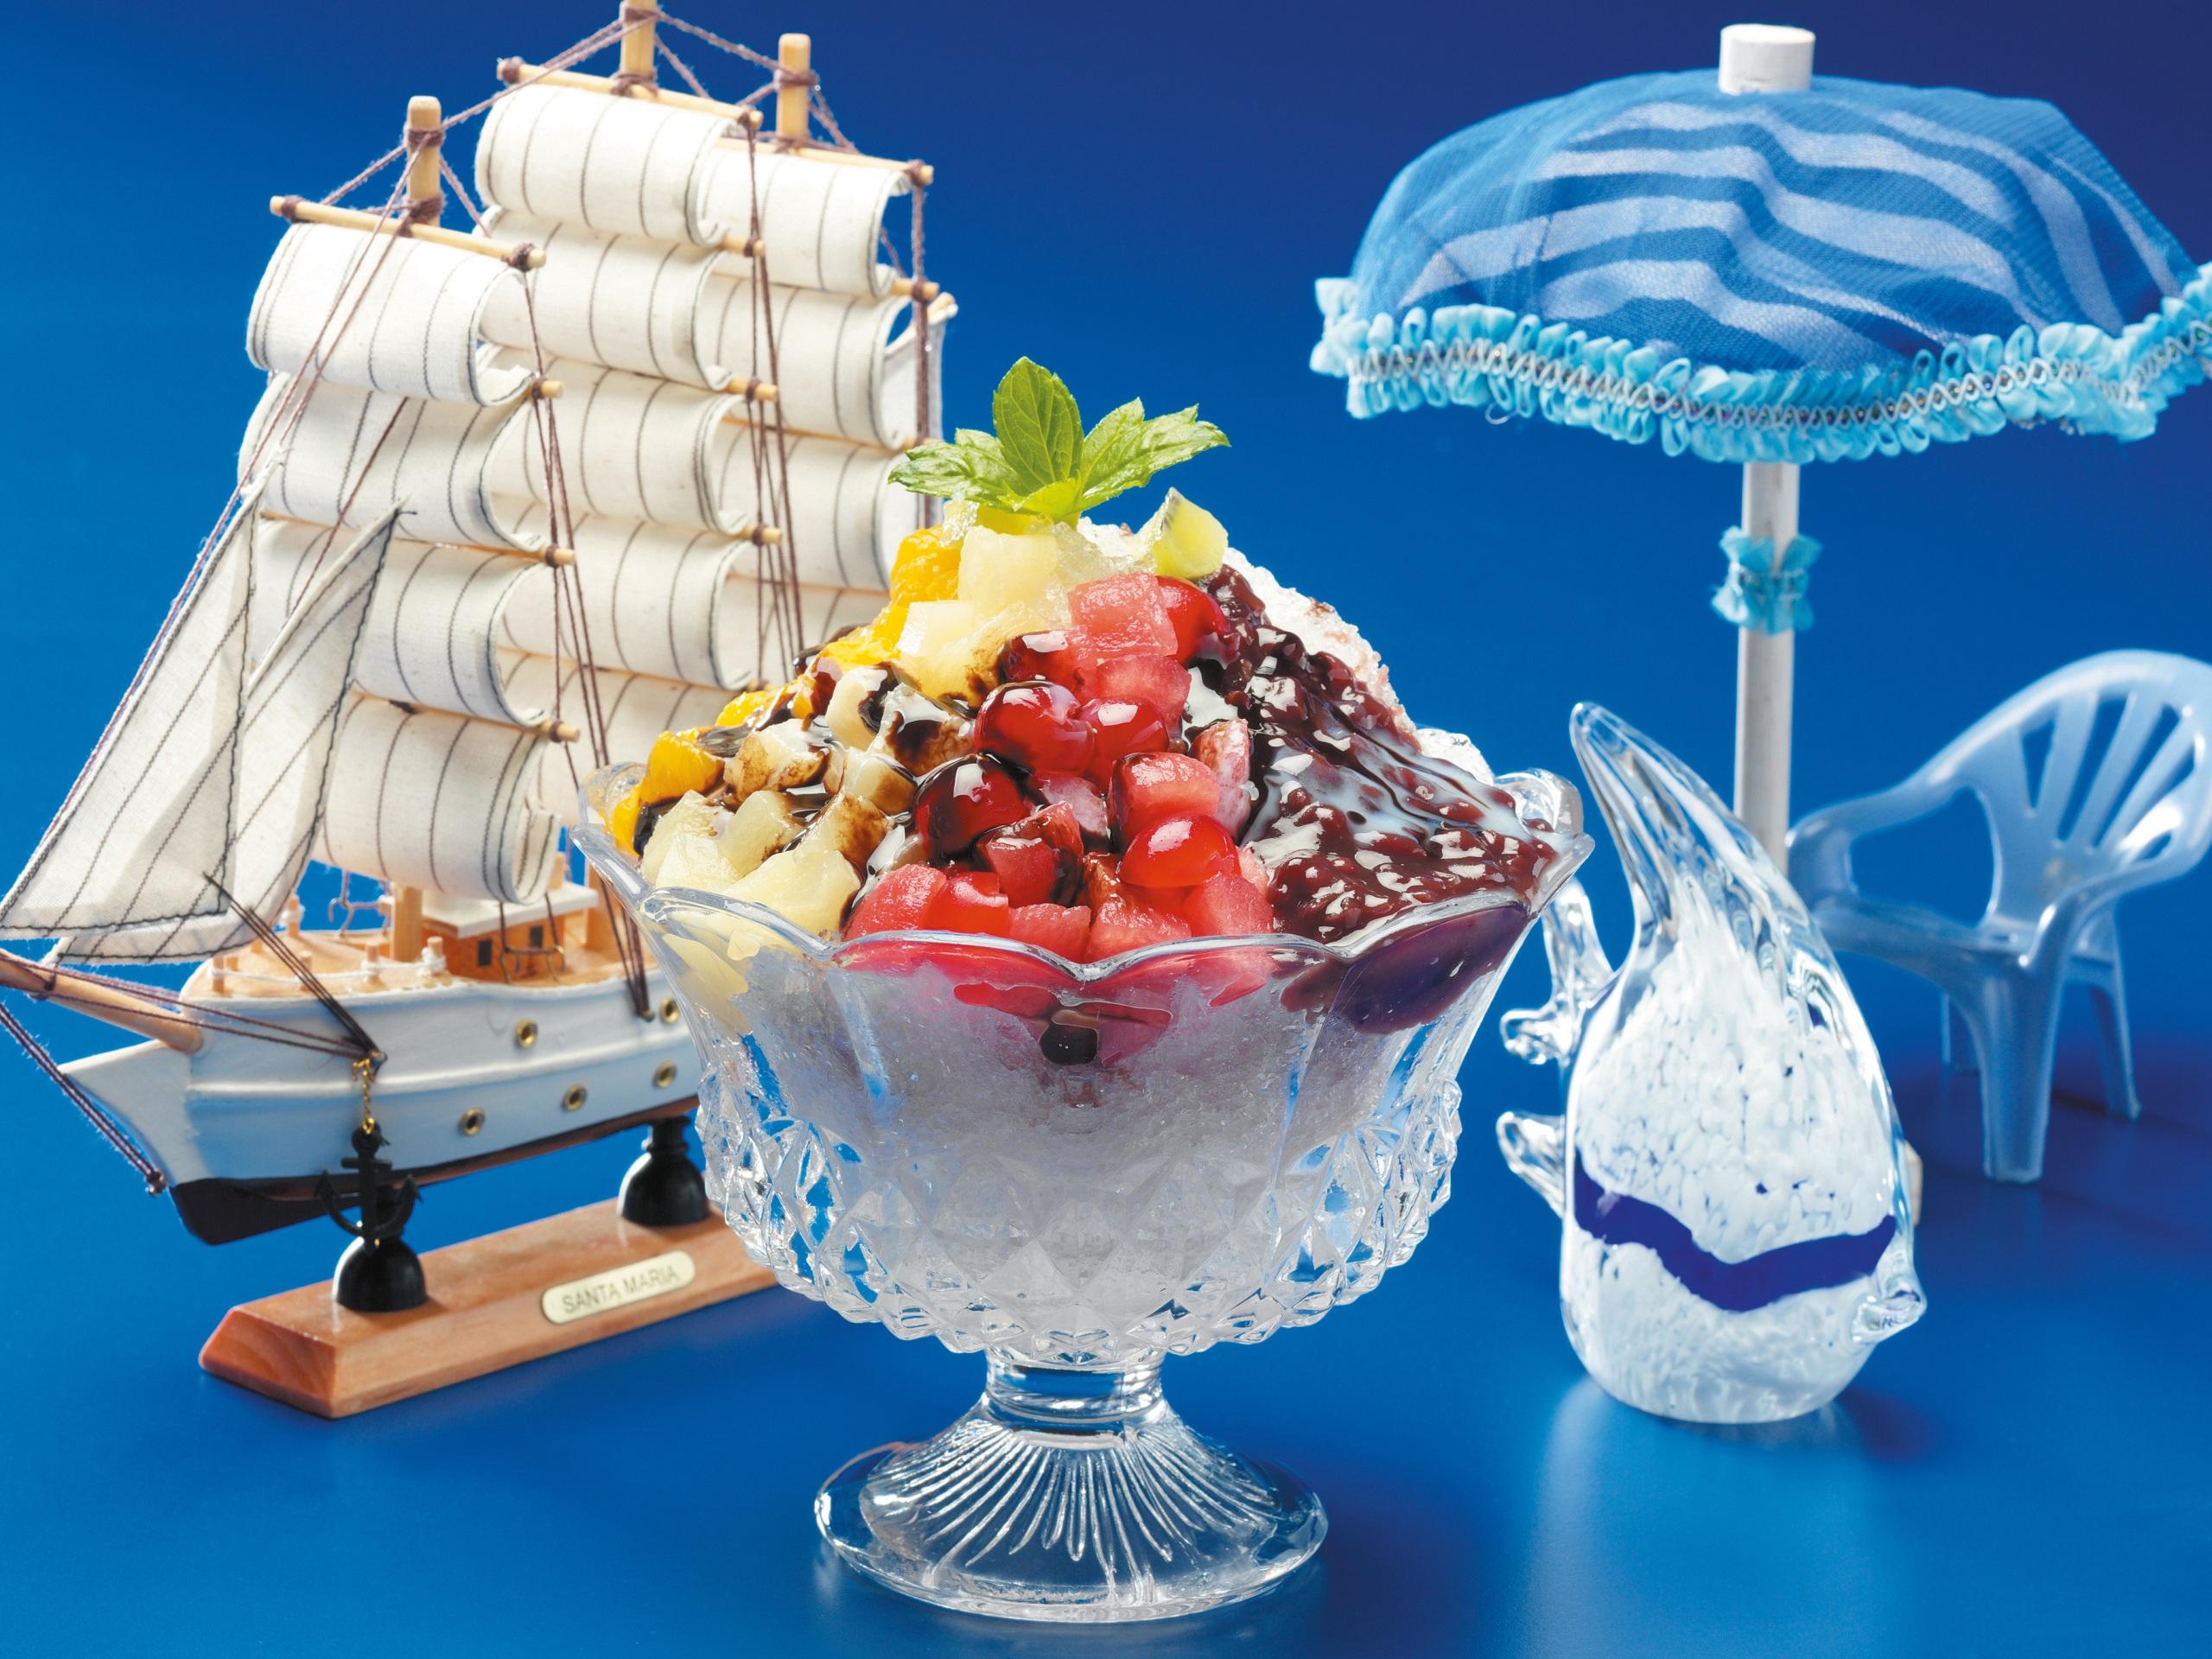 Bilder von Schokolade Dessert Obst Segeln Regenschirm Lebensmittel Design Farbigen hintergrund 2560x1920 Nachtisch